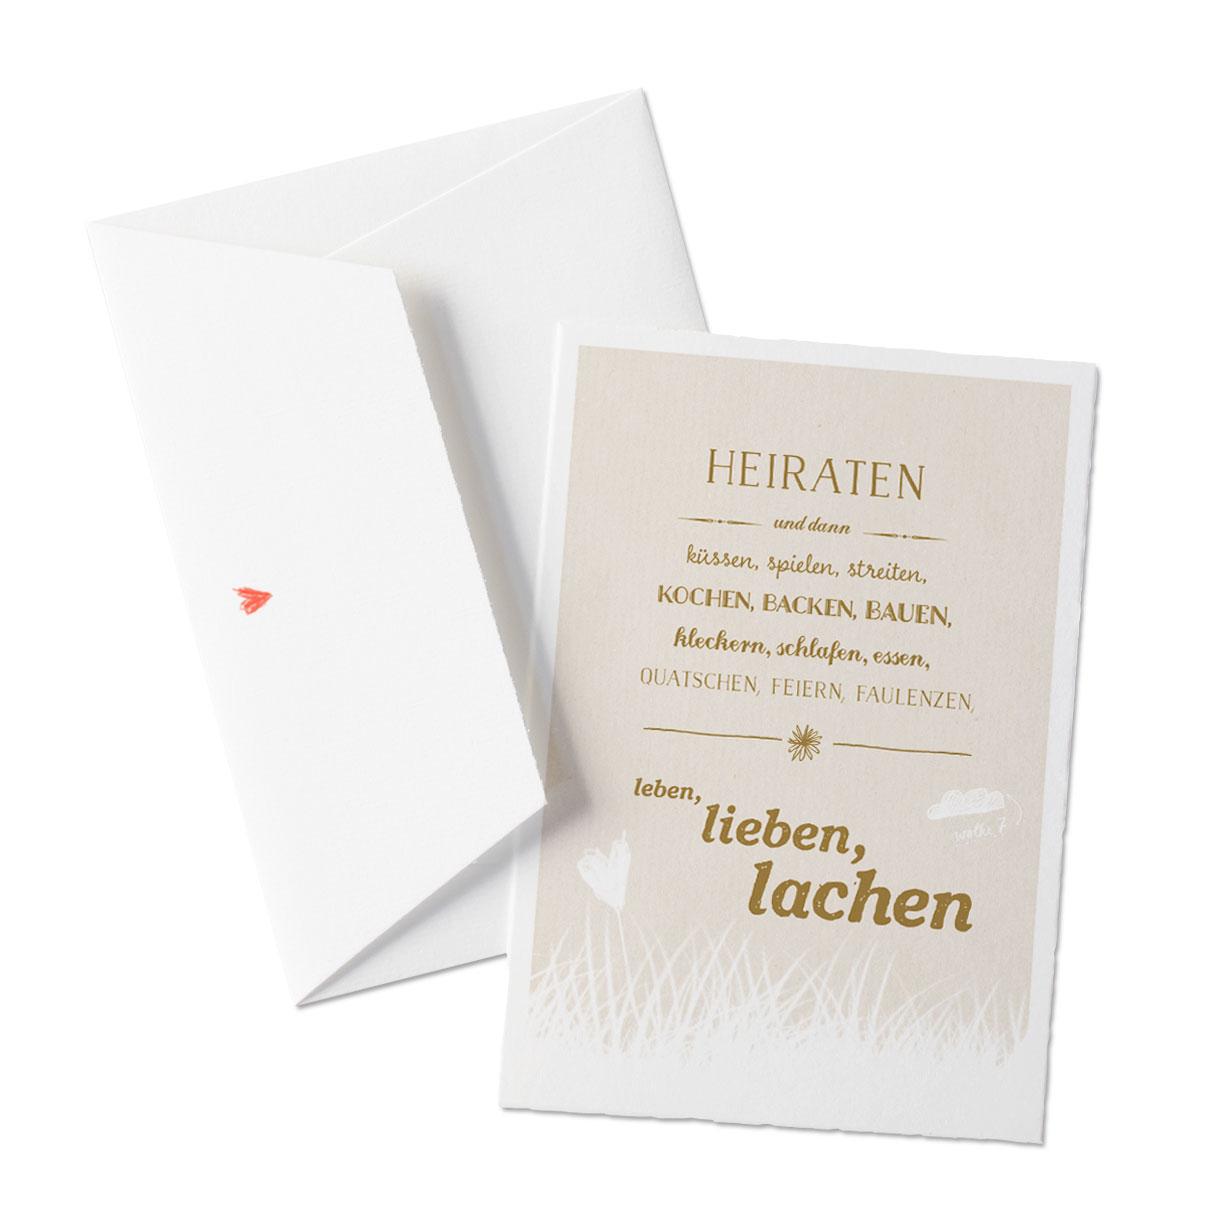 Heiraten Hochzeit Hochzeitseinladung Einladungskarten Creme  Hell Beige Natur